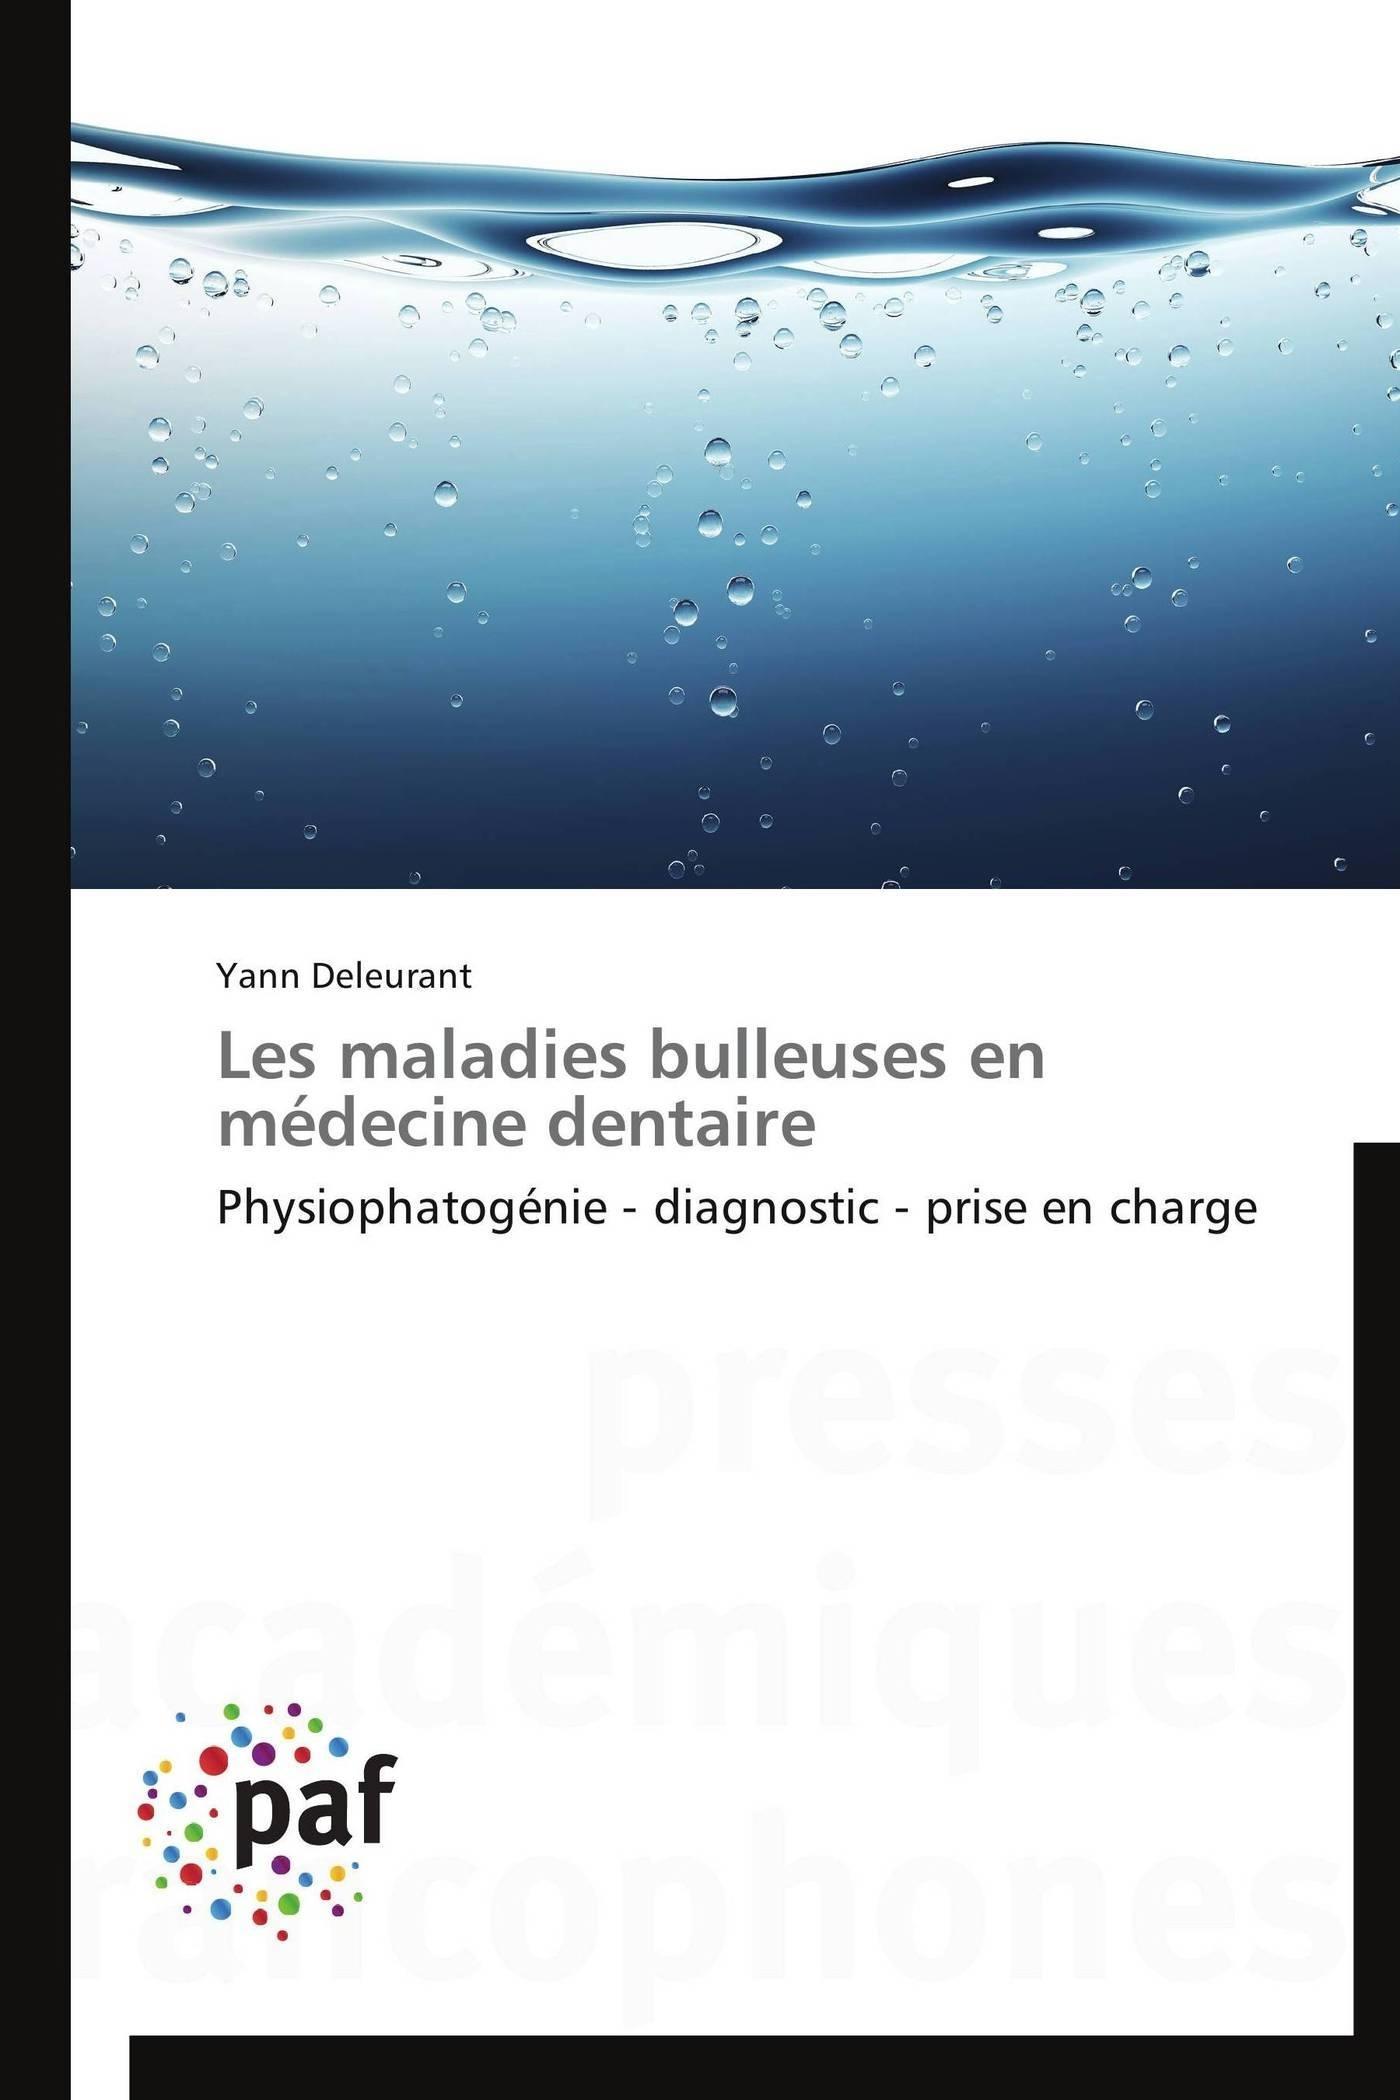 LES MALADIES BULLEUSES EN MEDECINE DENTAIRE